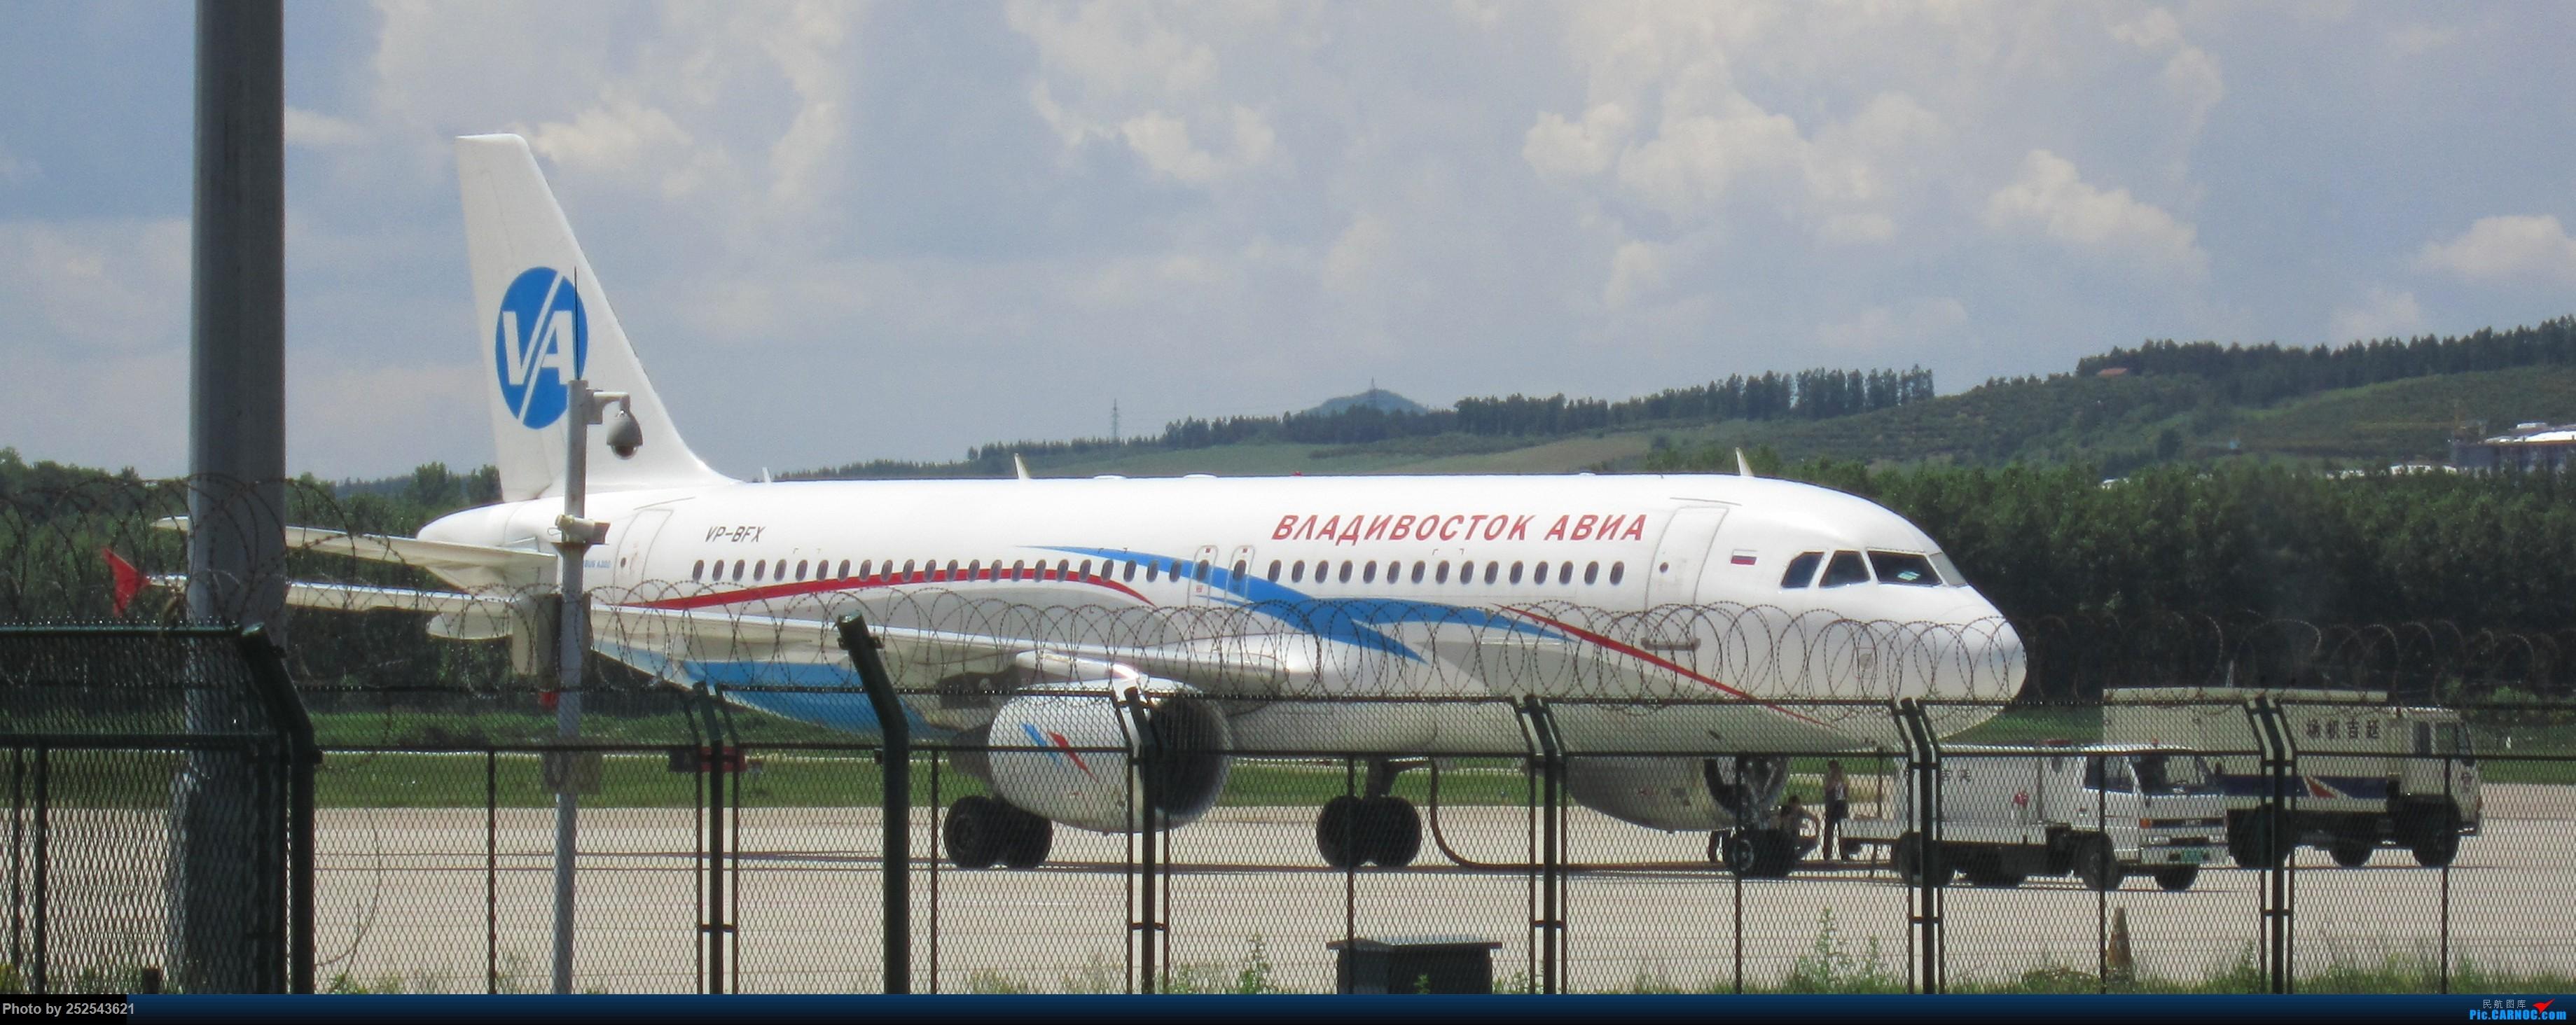 俄罗斯符拉迪沃斯托克航空公司a320来延吉